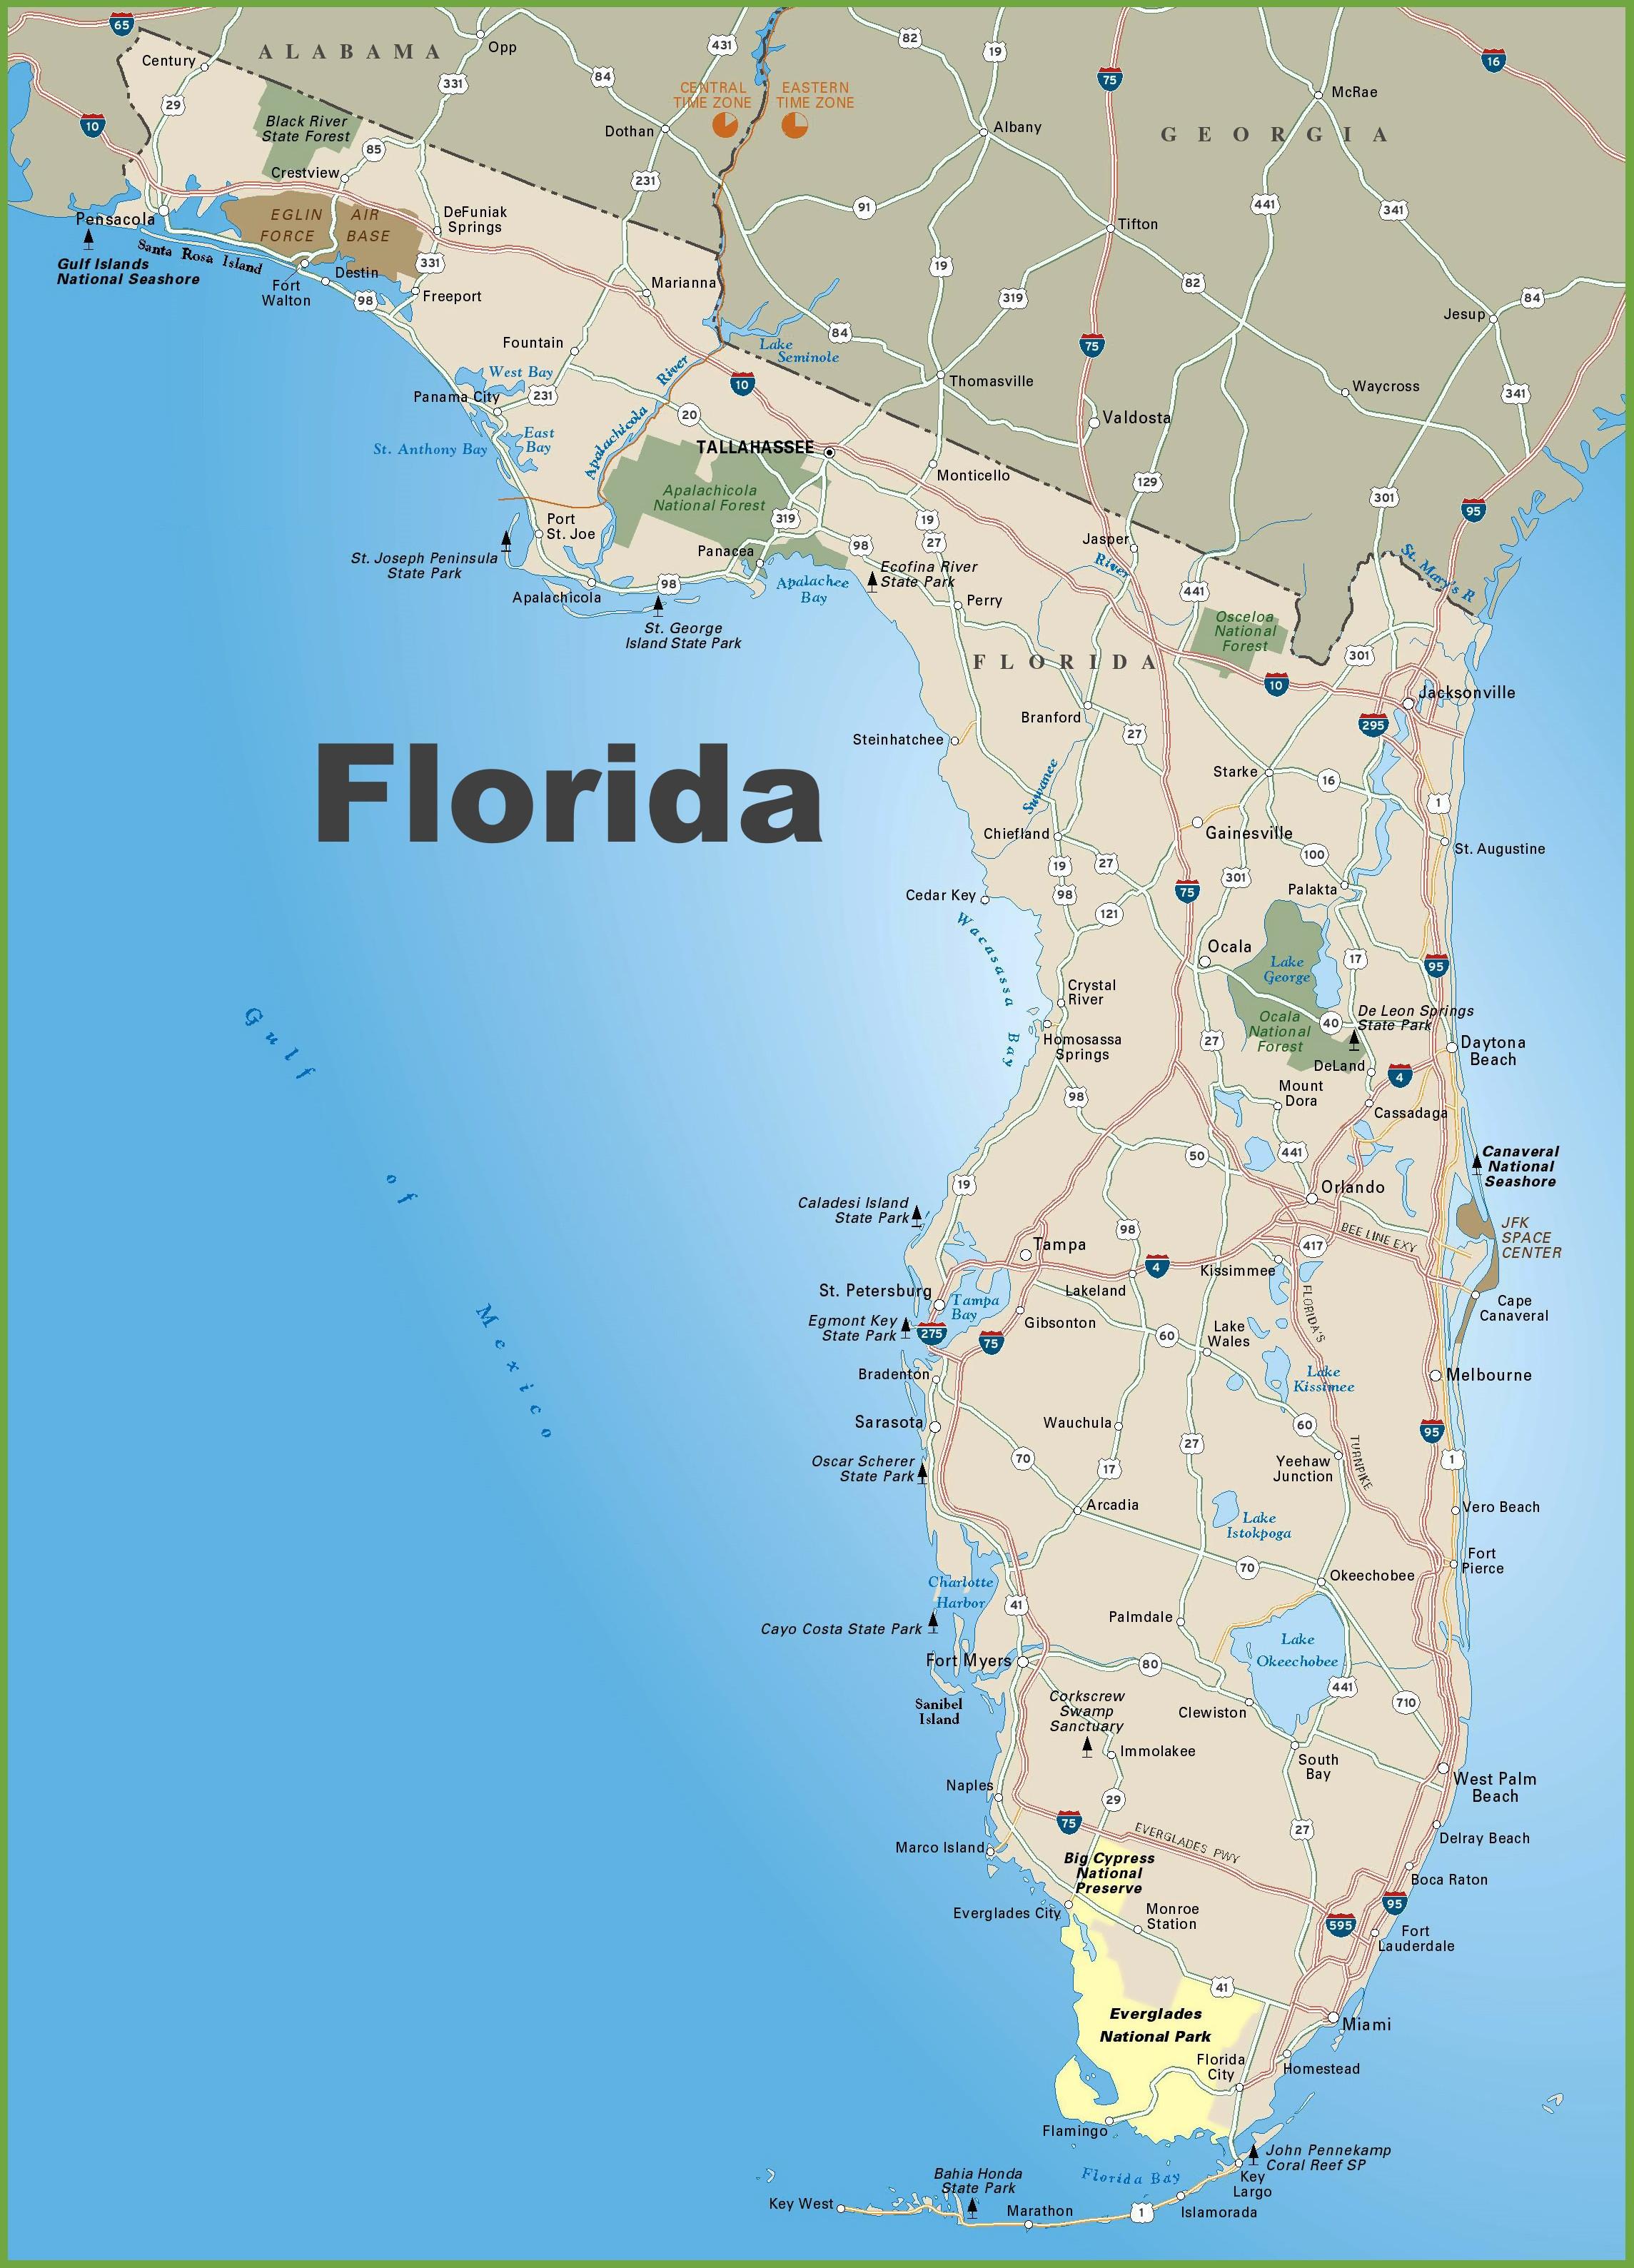 Map Of Manhattan Beach California Fresh Coco Beach Florida Map - Coco Beach Florida Map